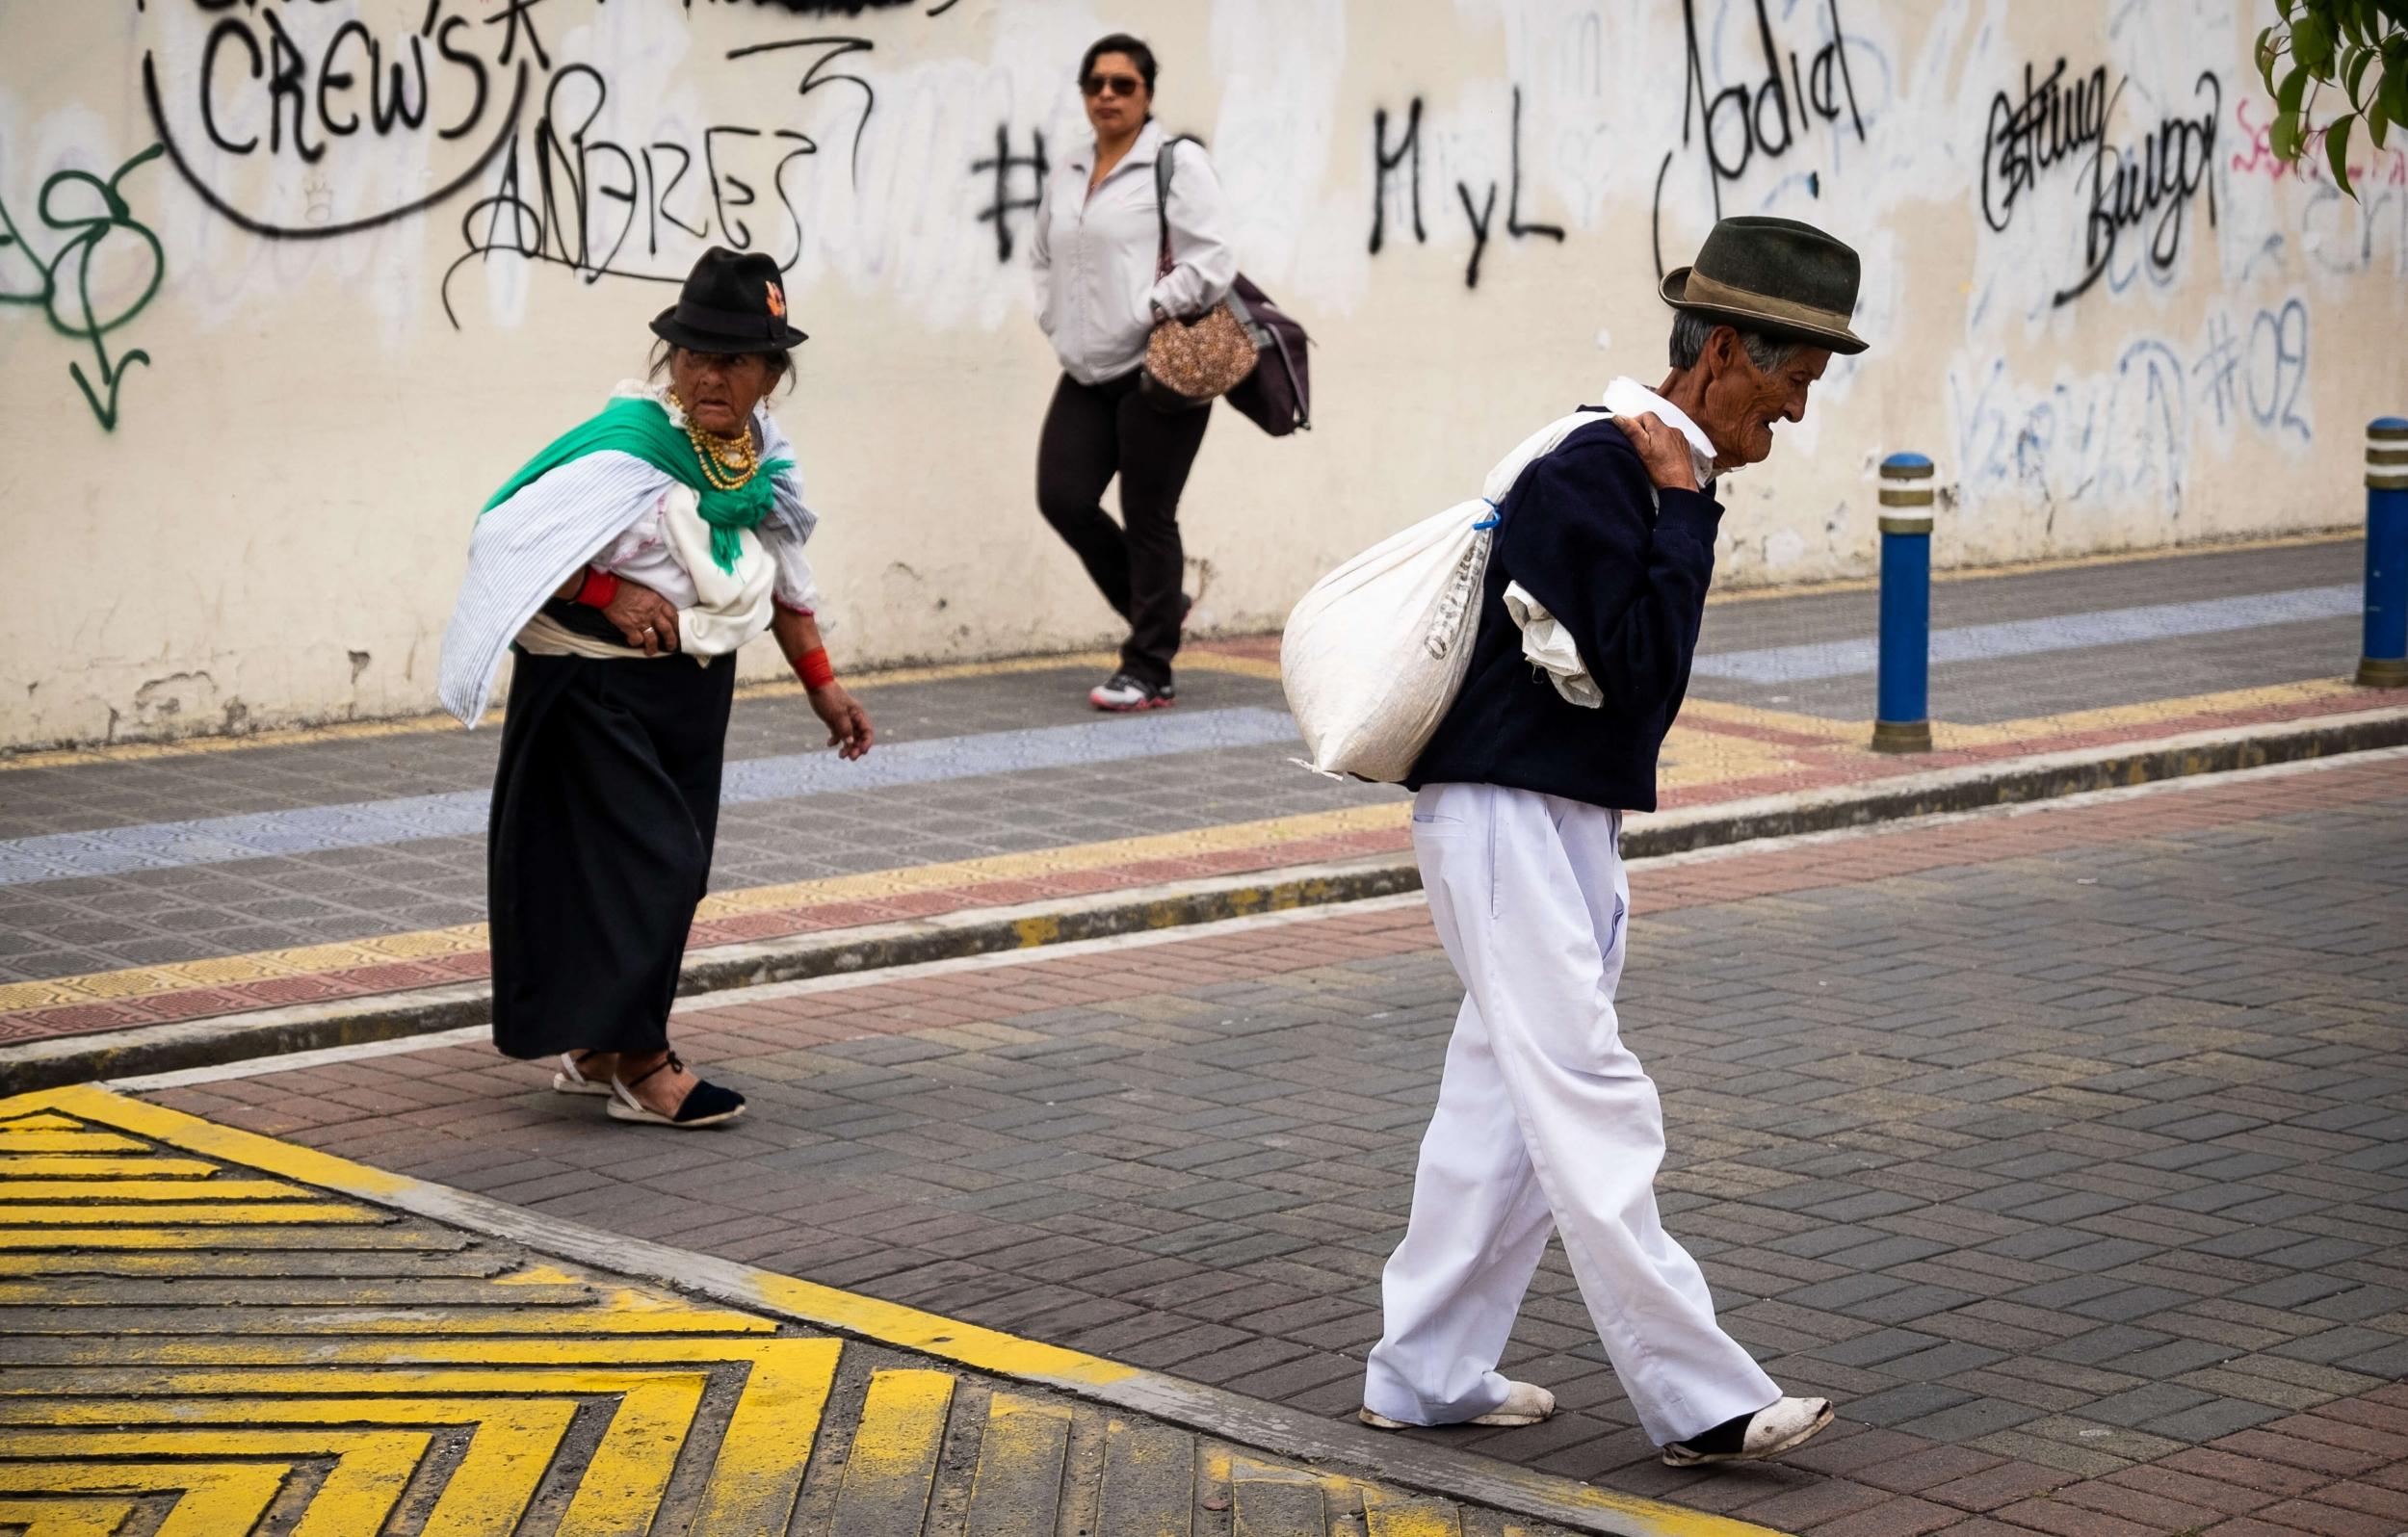 Otavalo, Otavalo market, Indigenous market, Ecuador market, Travel blog, Travel photography, Photography blog